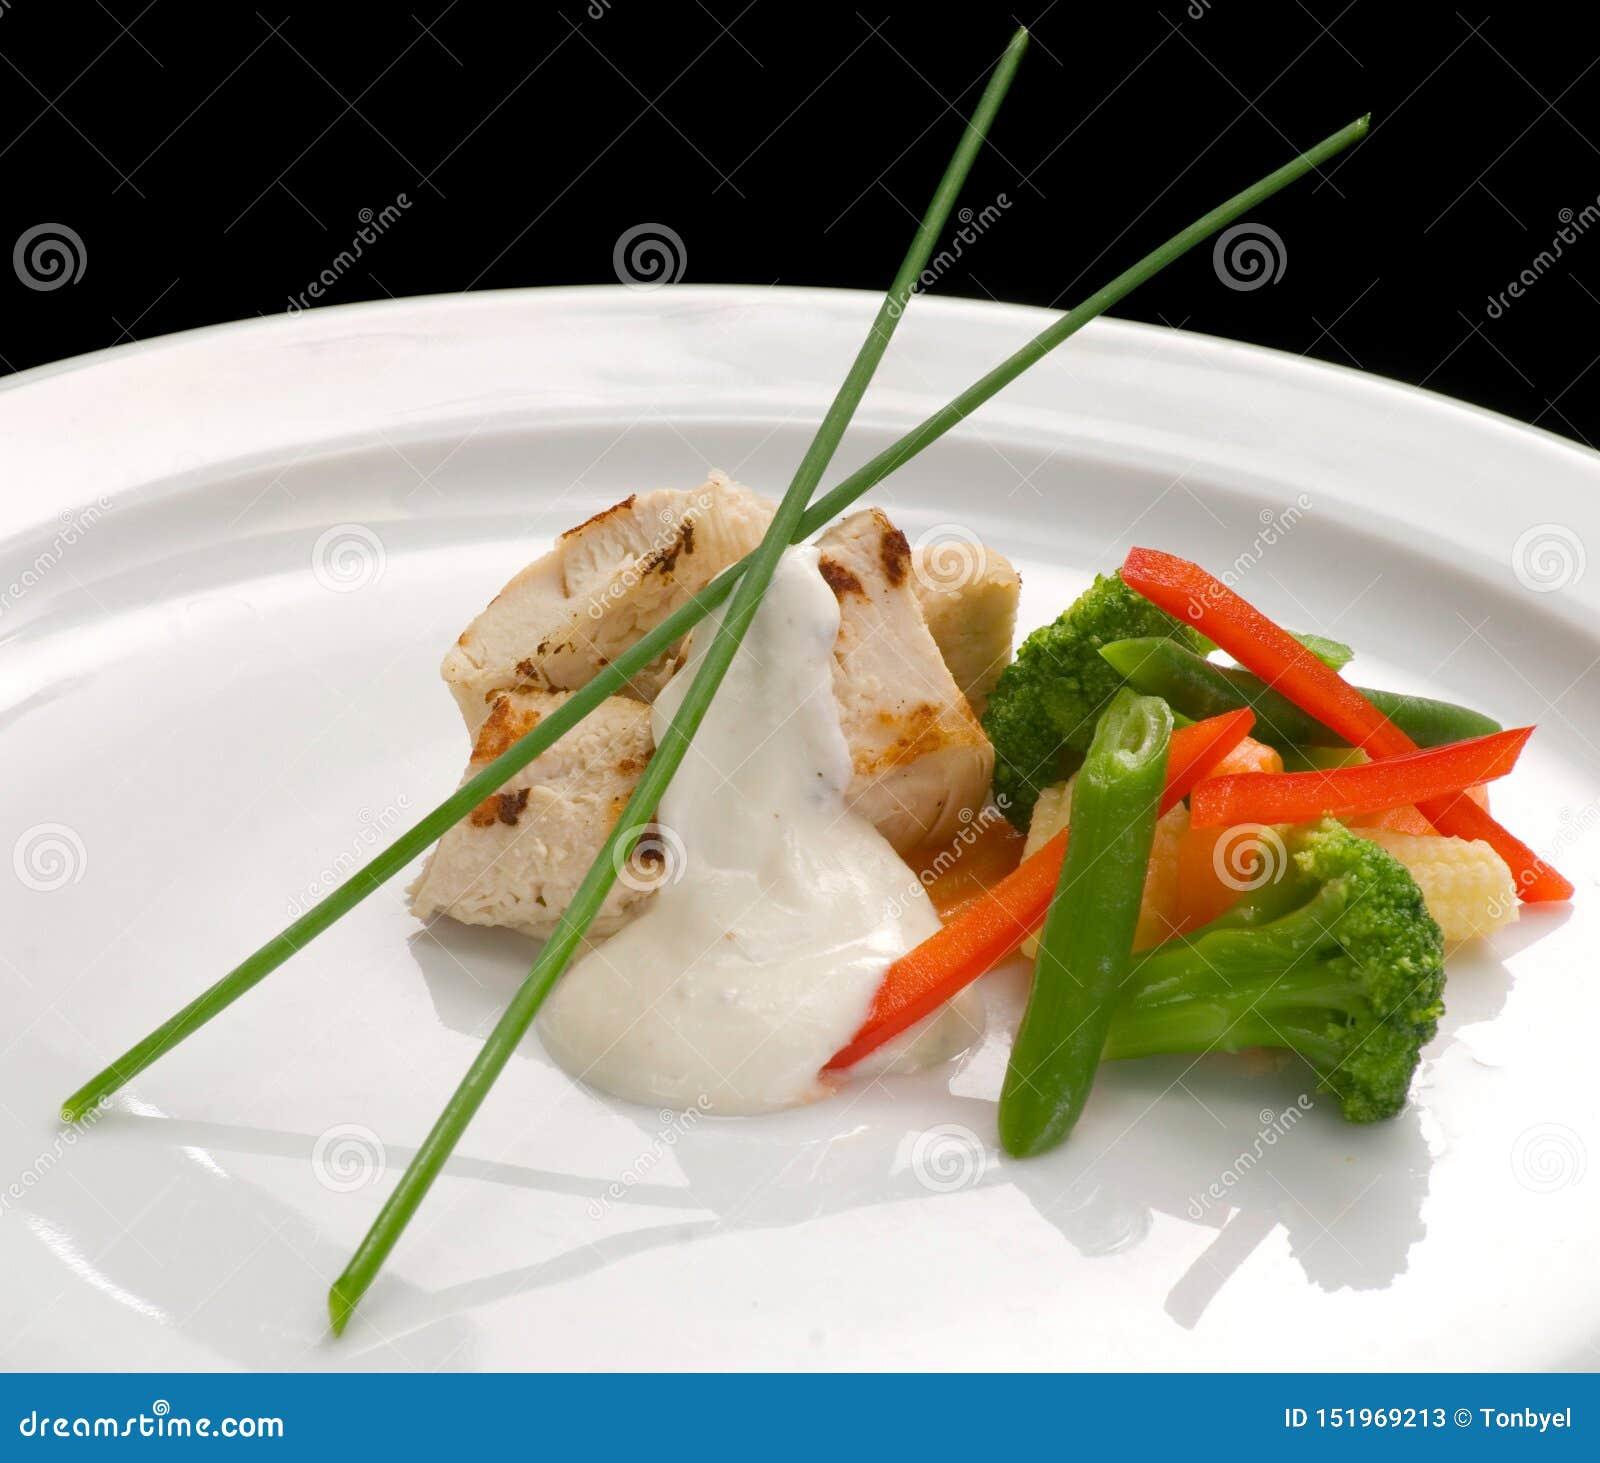 Kippenfilet, gestoomde groenten en yoghurtsaus op een plaat, close-up